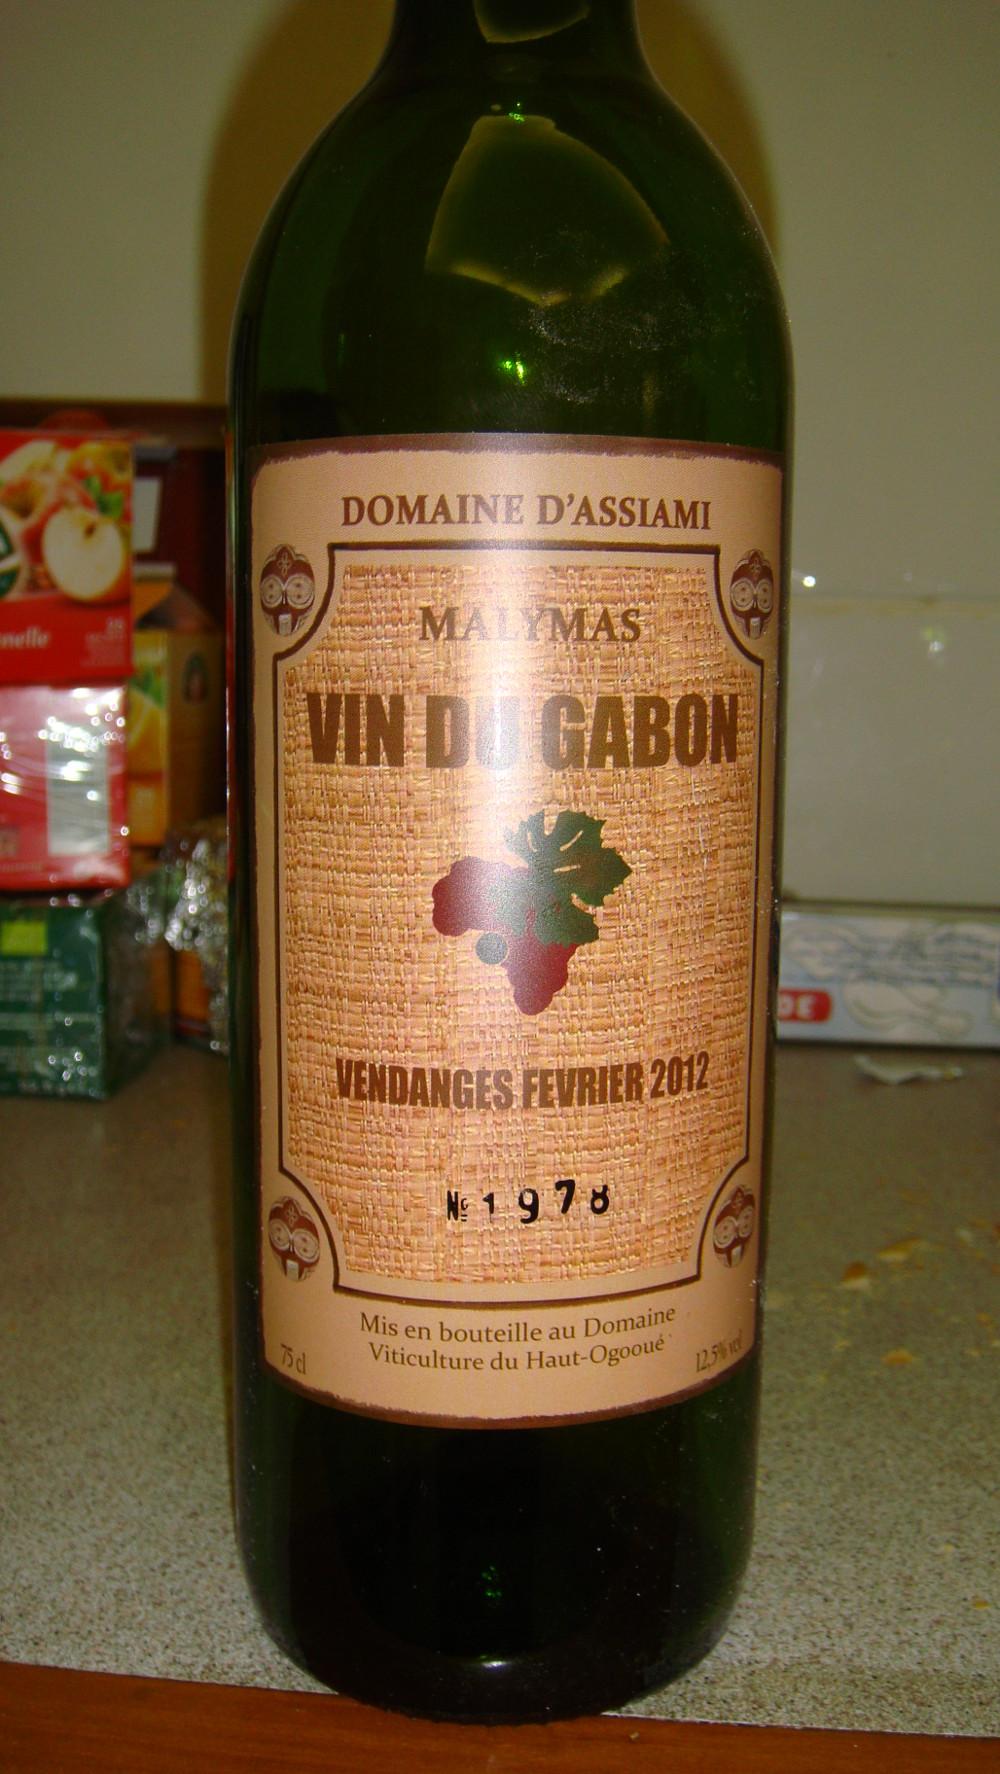 Vin Gabon 002